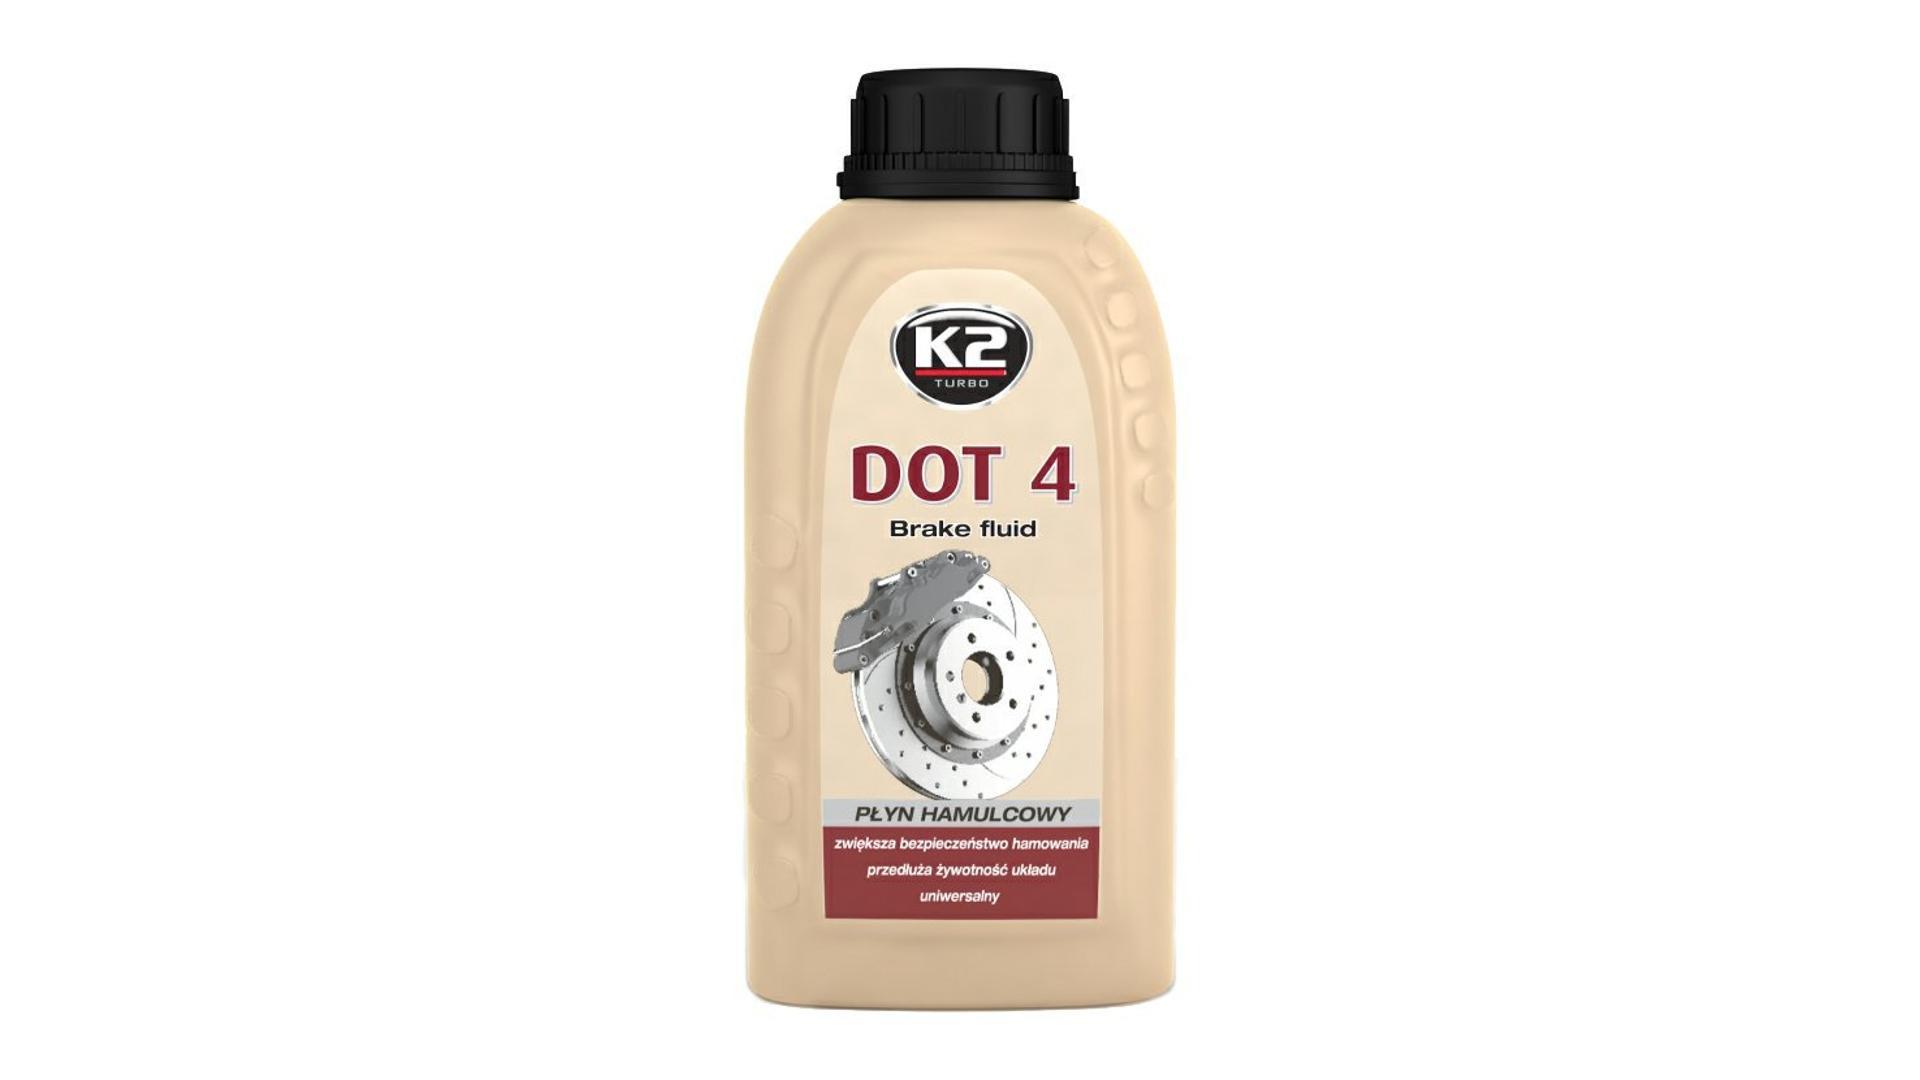 K2 DOT 4 - 250 ml - brzdová kapalina